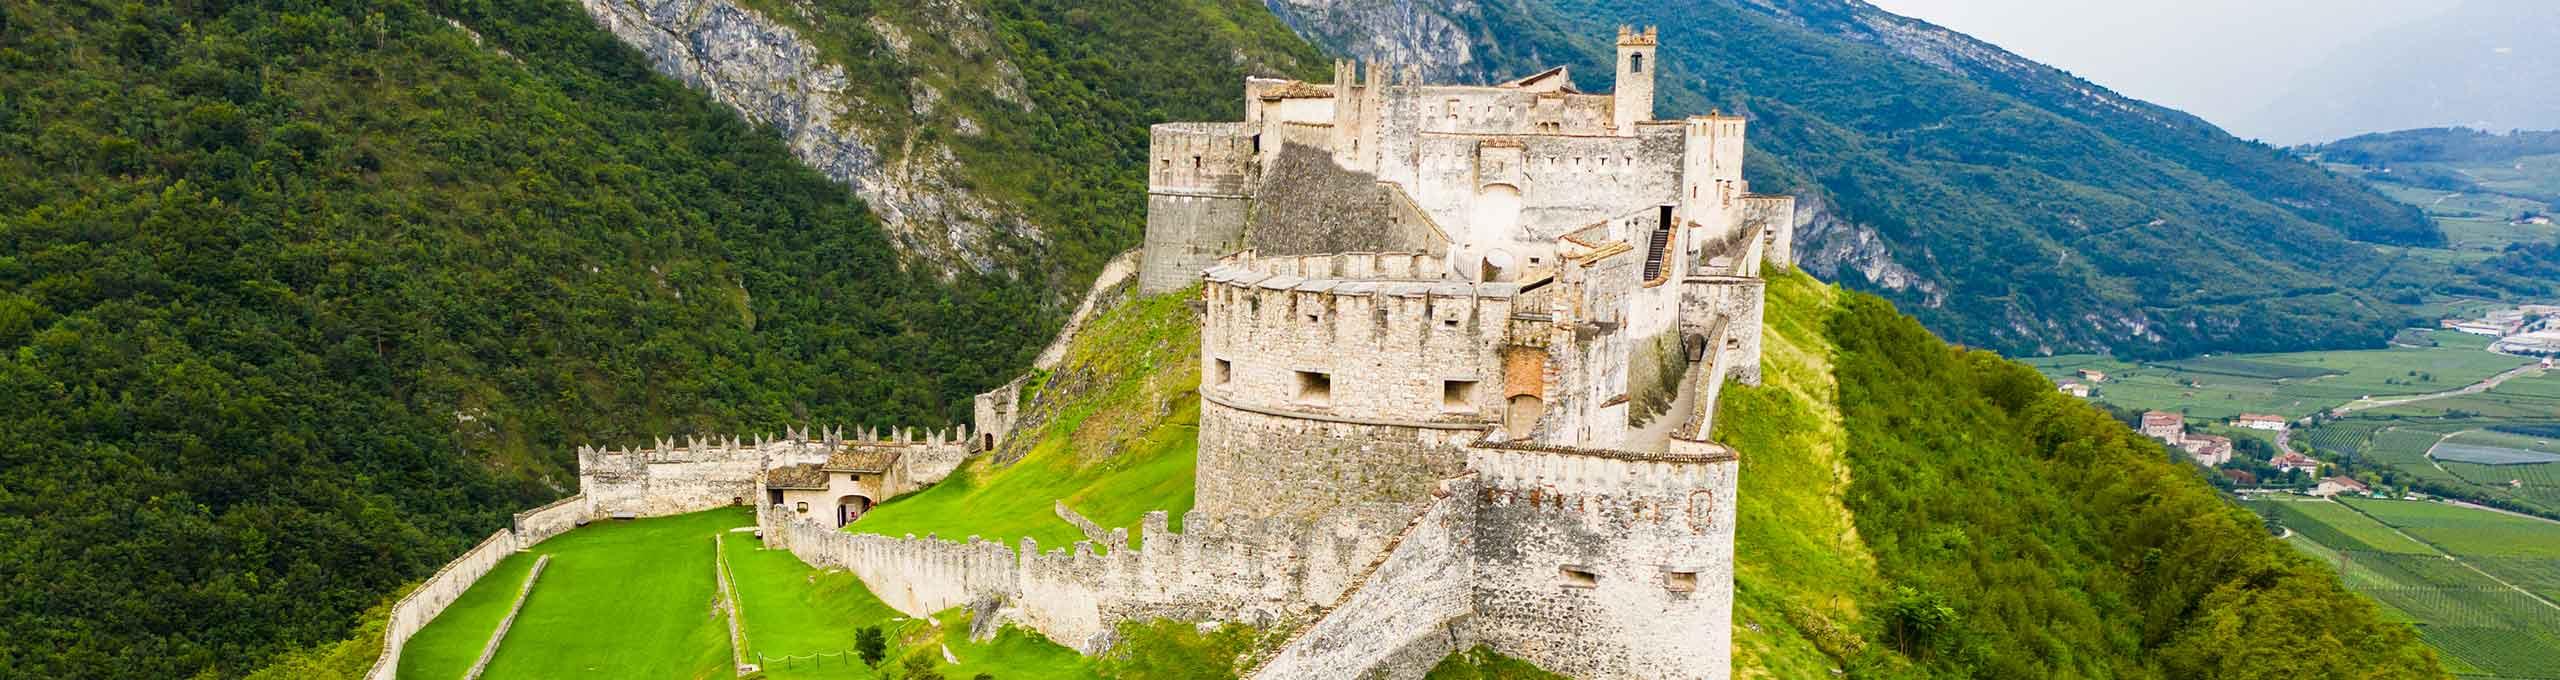 Vista aerea del Castello fortificato di Beseno